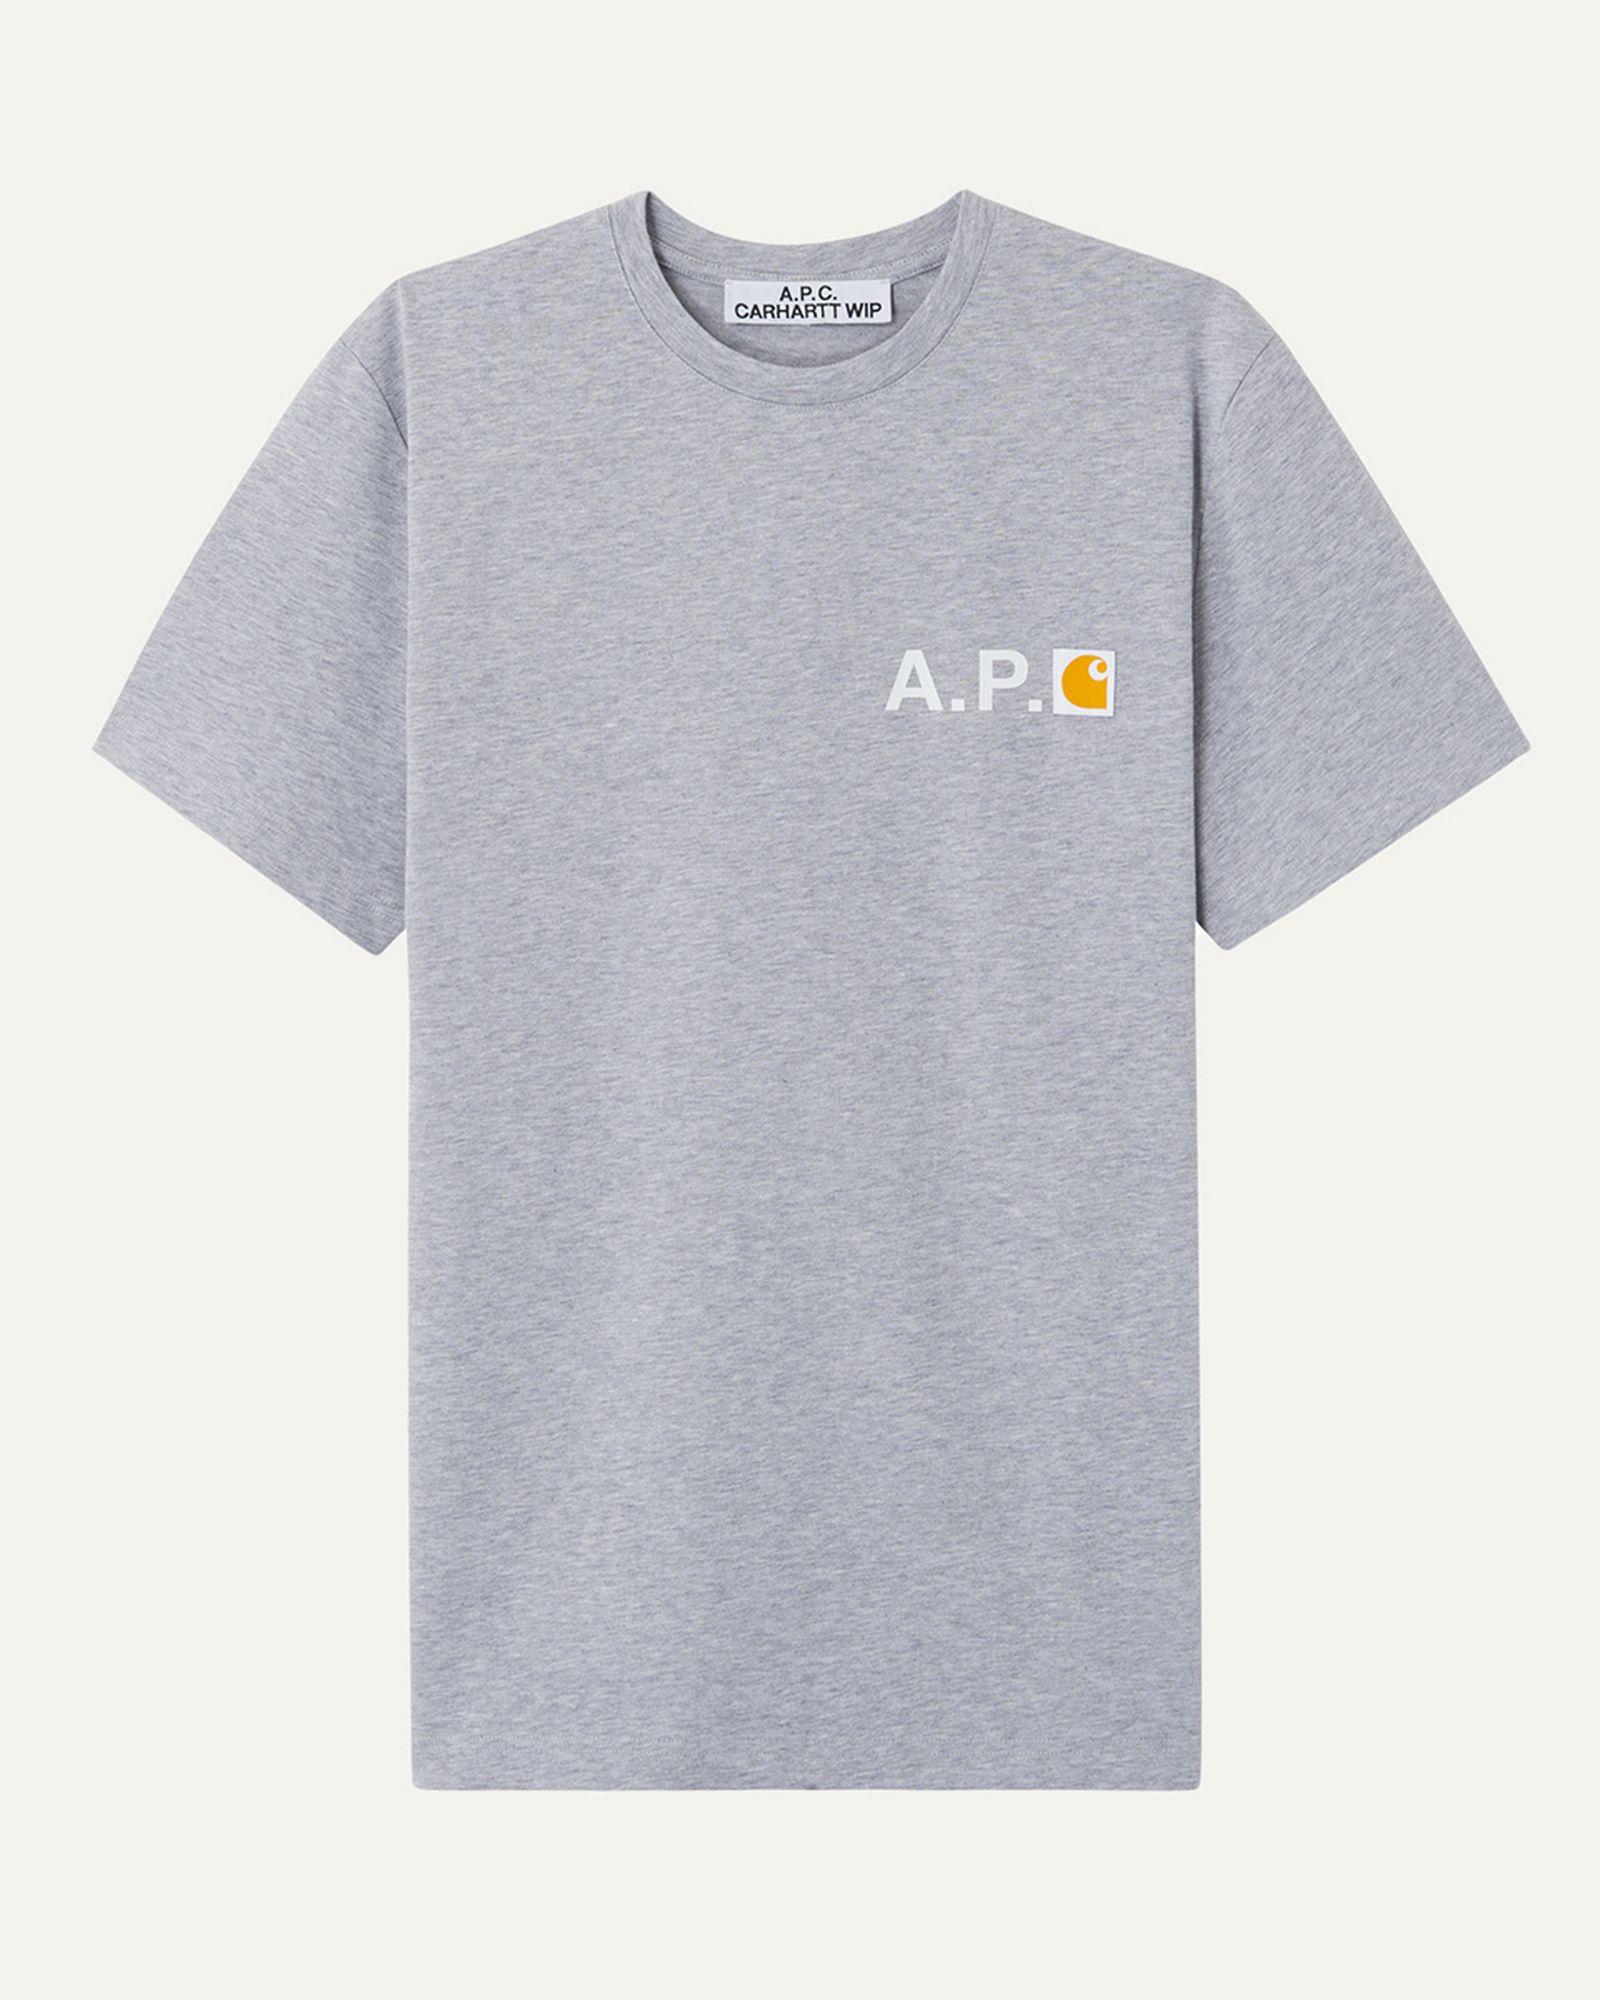 apc-carhartt-wip-ss20-text-03